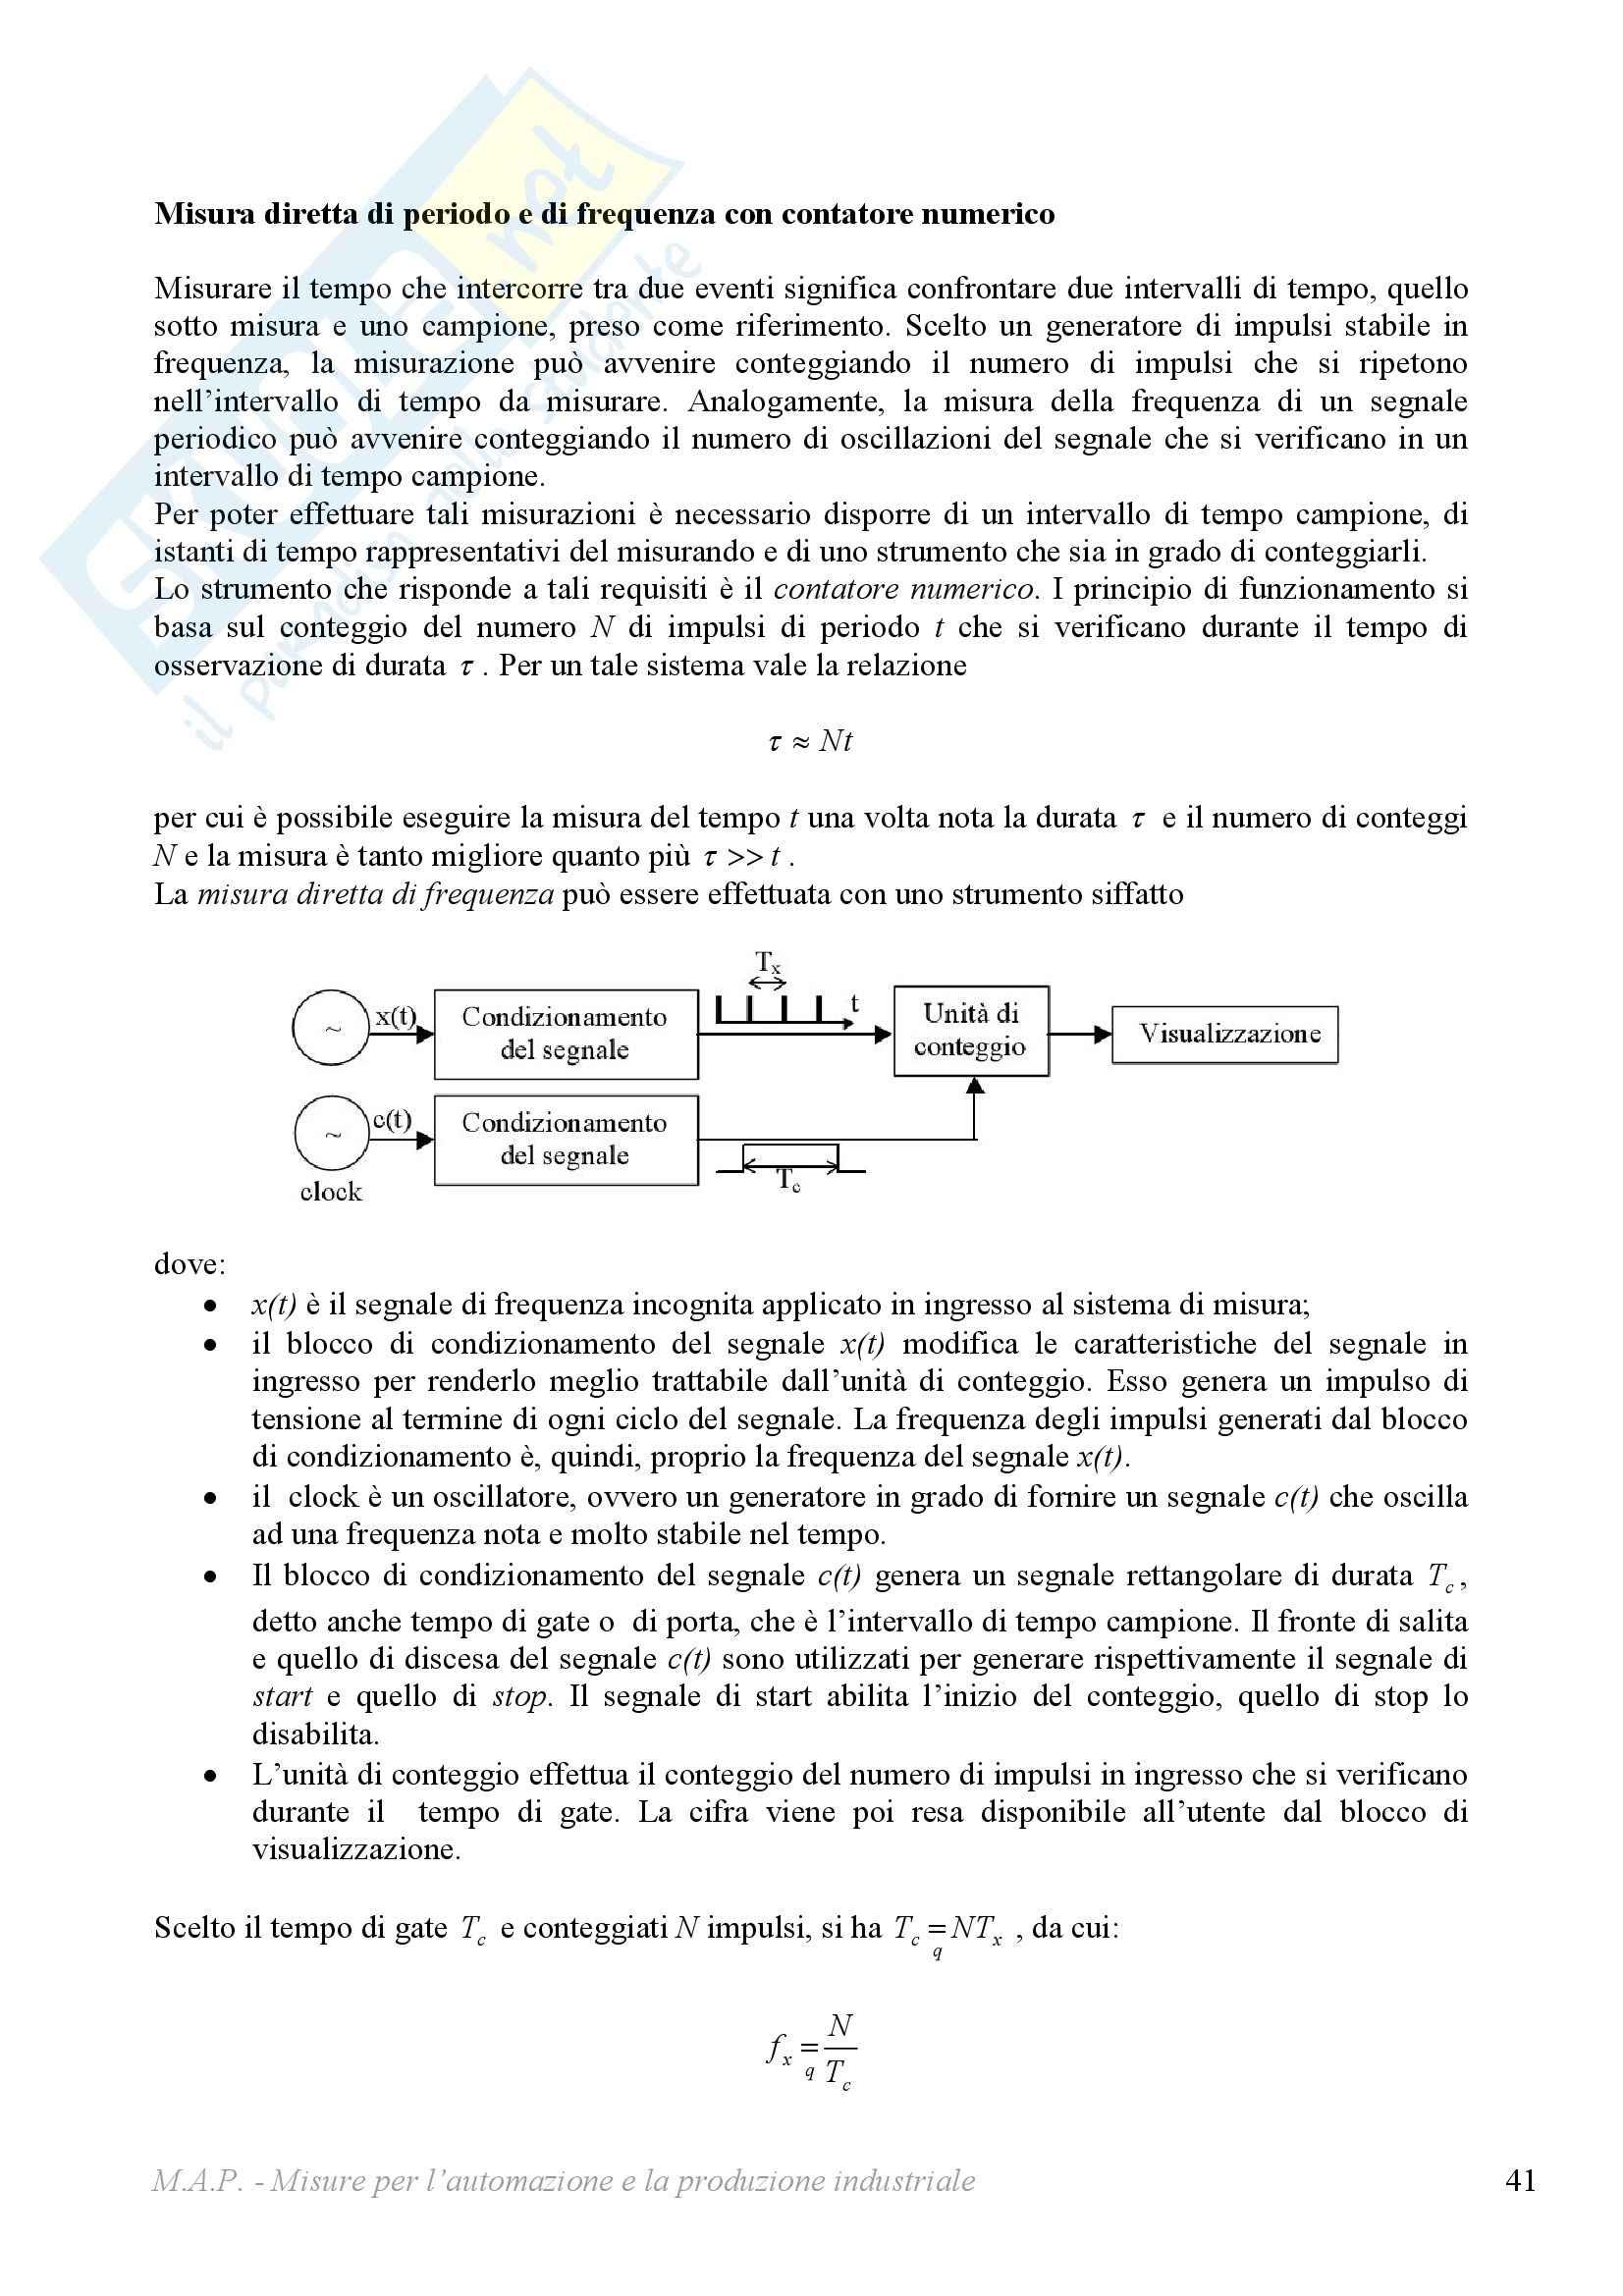 Misure per l'automazione - sunto del corso Pag. 41